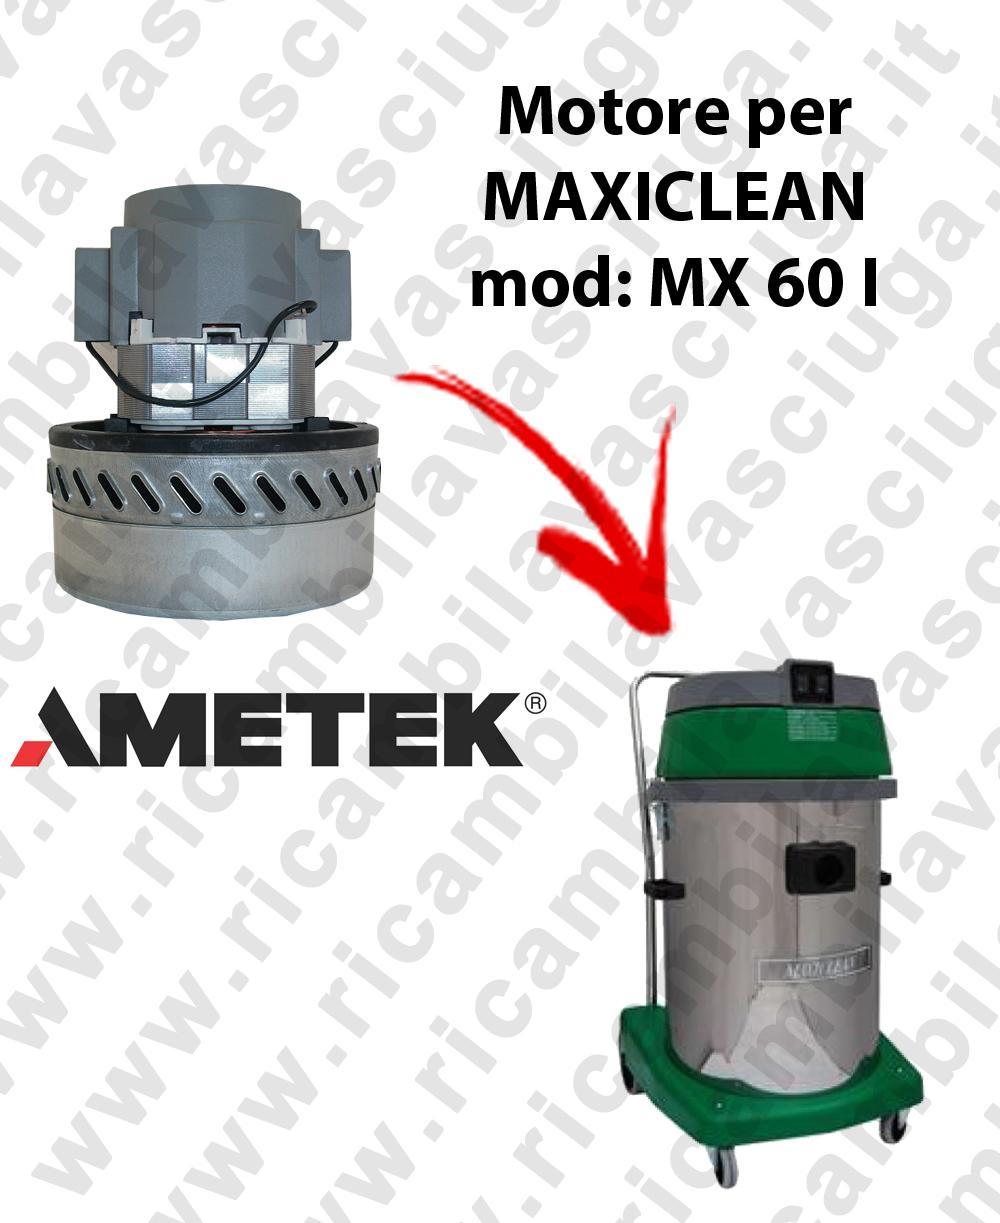 MX 60 I MOTORE AMETEK di aspirazione per aspirapolvere e aspiraliquidi MAXICLEAN